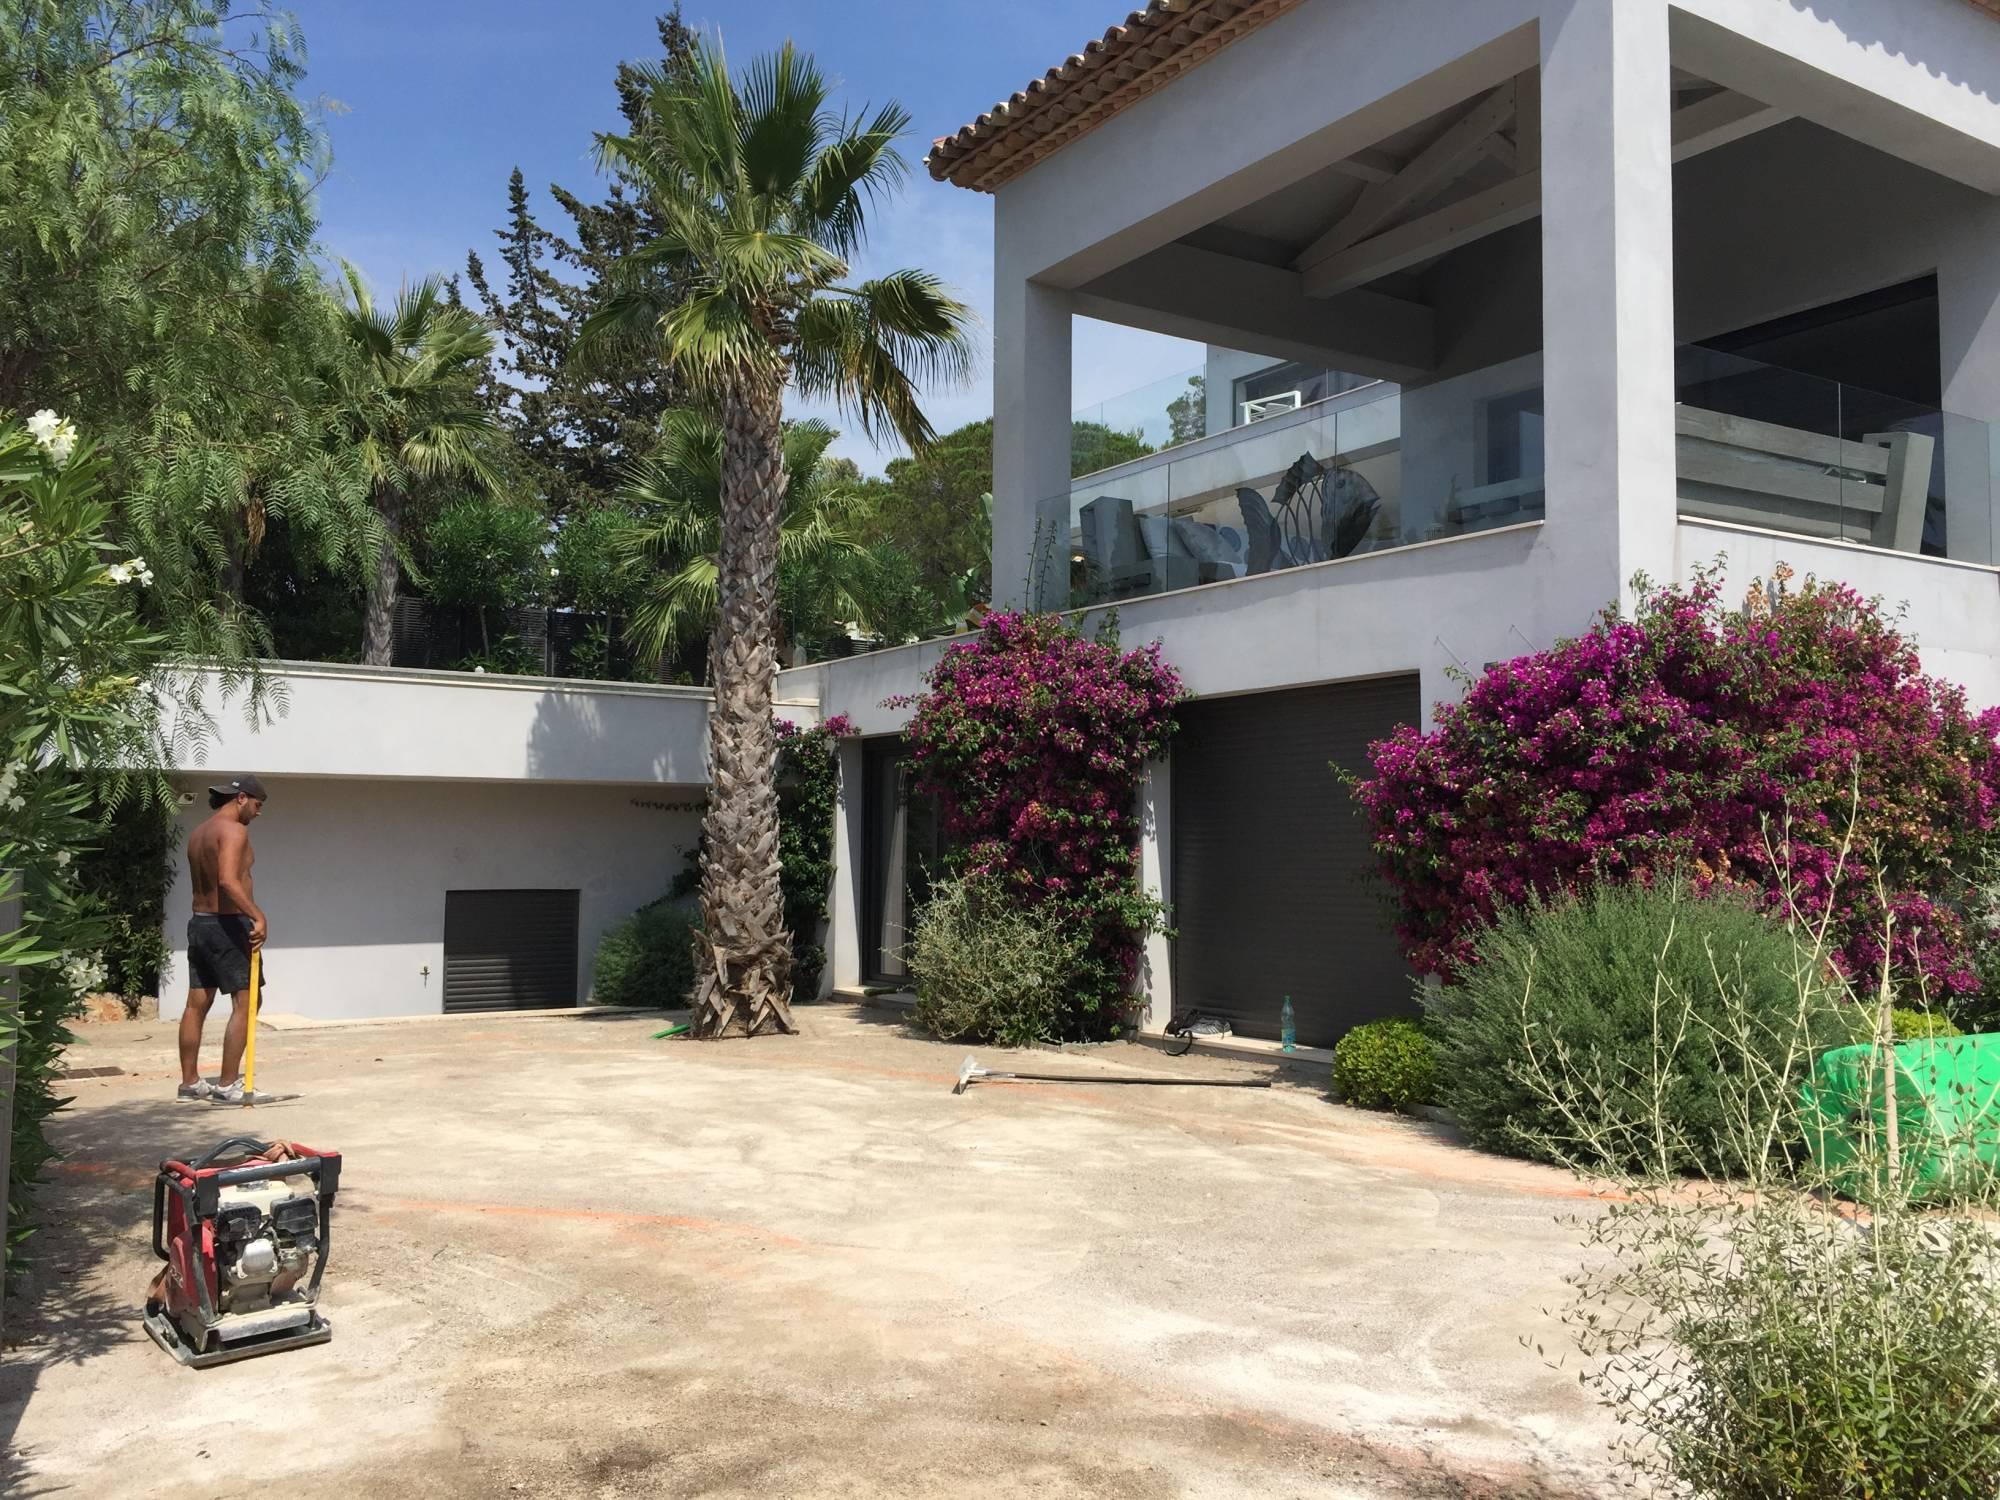 mise en place d'un green de golf synthétique à Sainte Maxime dans le Var, 83